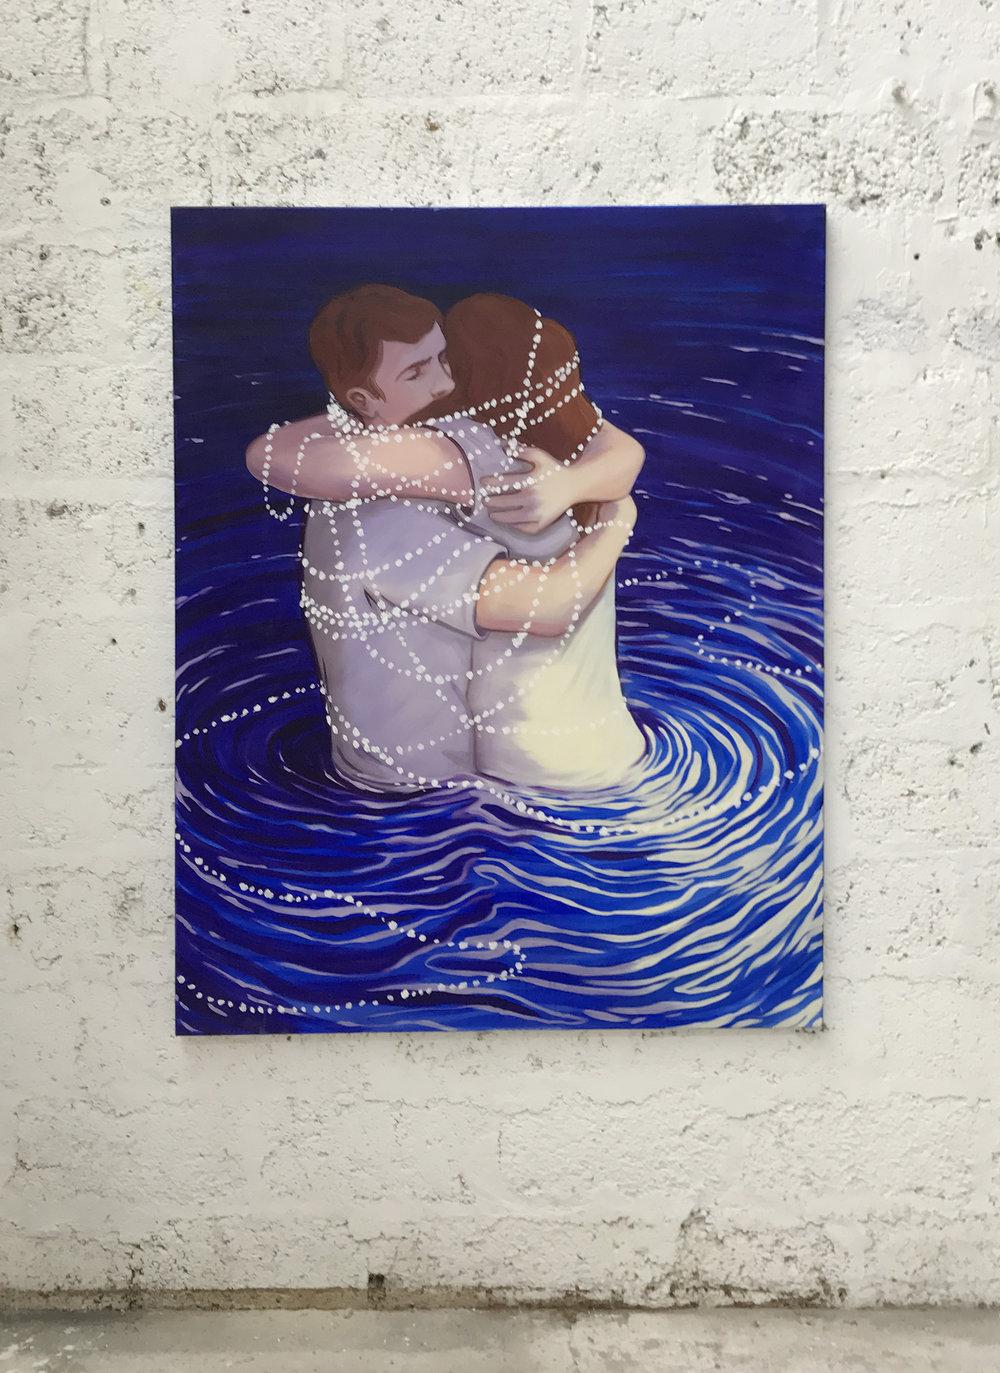 LA NECESSITE D'UN CÂLIN Oil on canvas 130 x 100 cm 2017